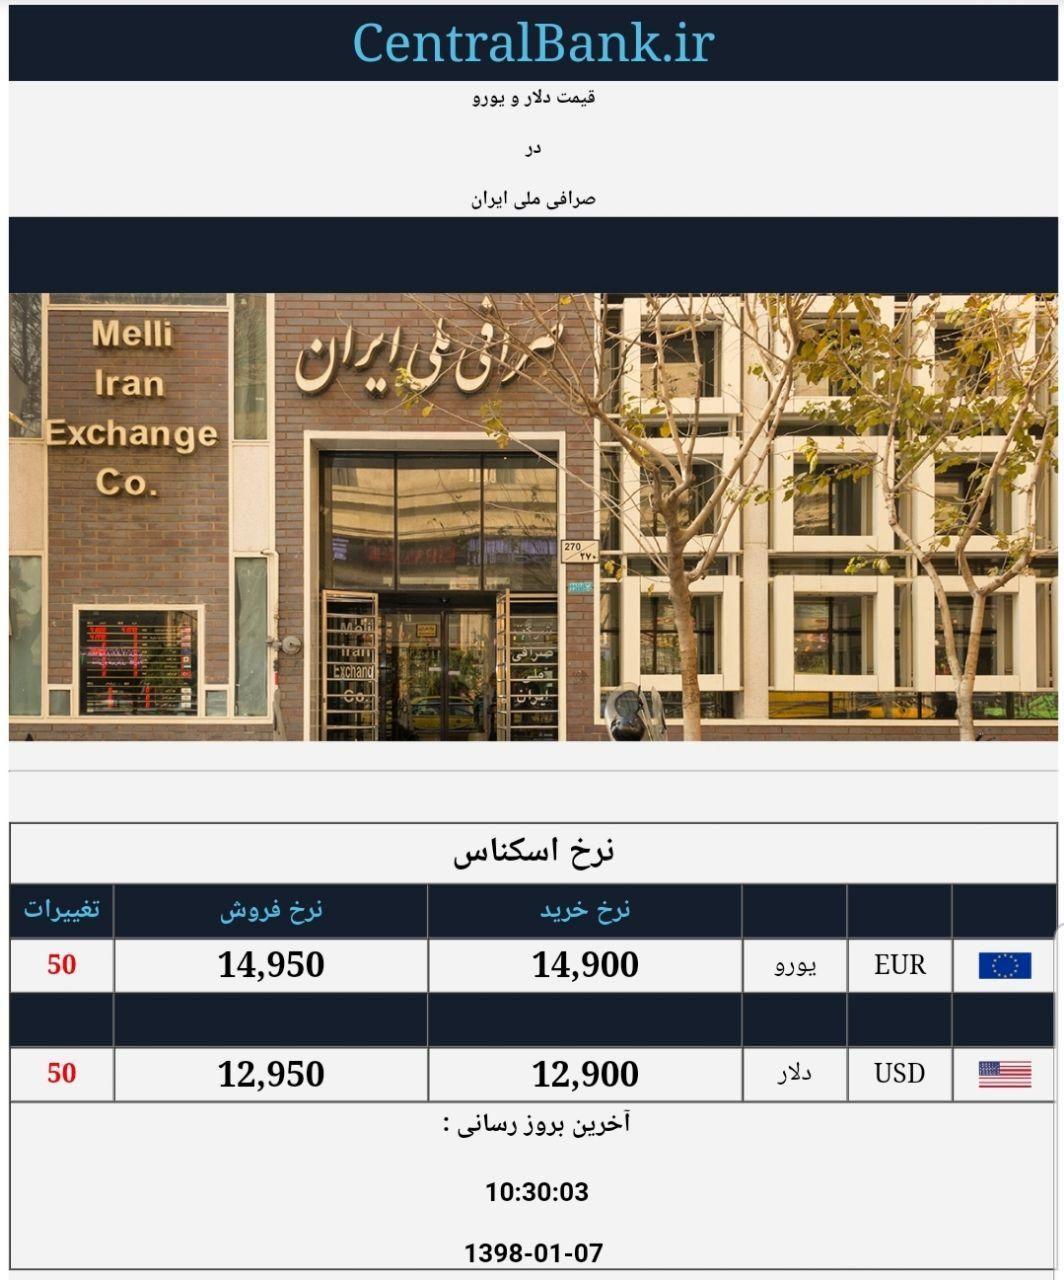 قیمت دلار در صرافی ملی امروز ۱۳۹۸/۰۱/۰۷